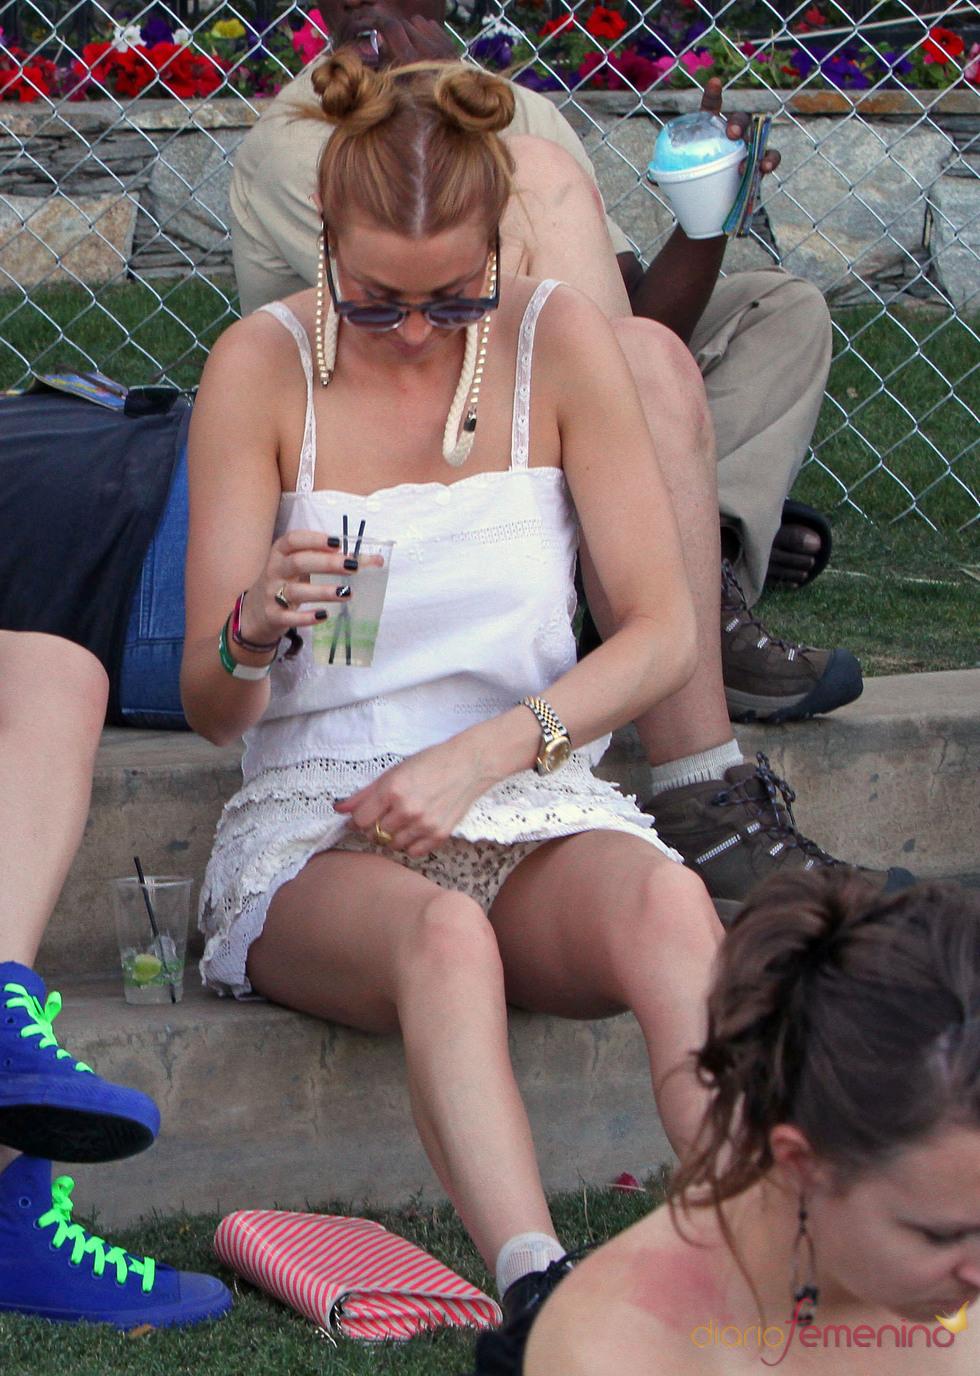 Whitney Port nos enseña las bragas durante el Festival de Coachella 2011